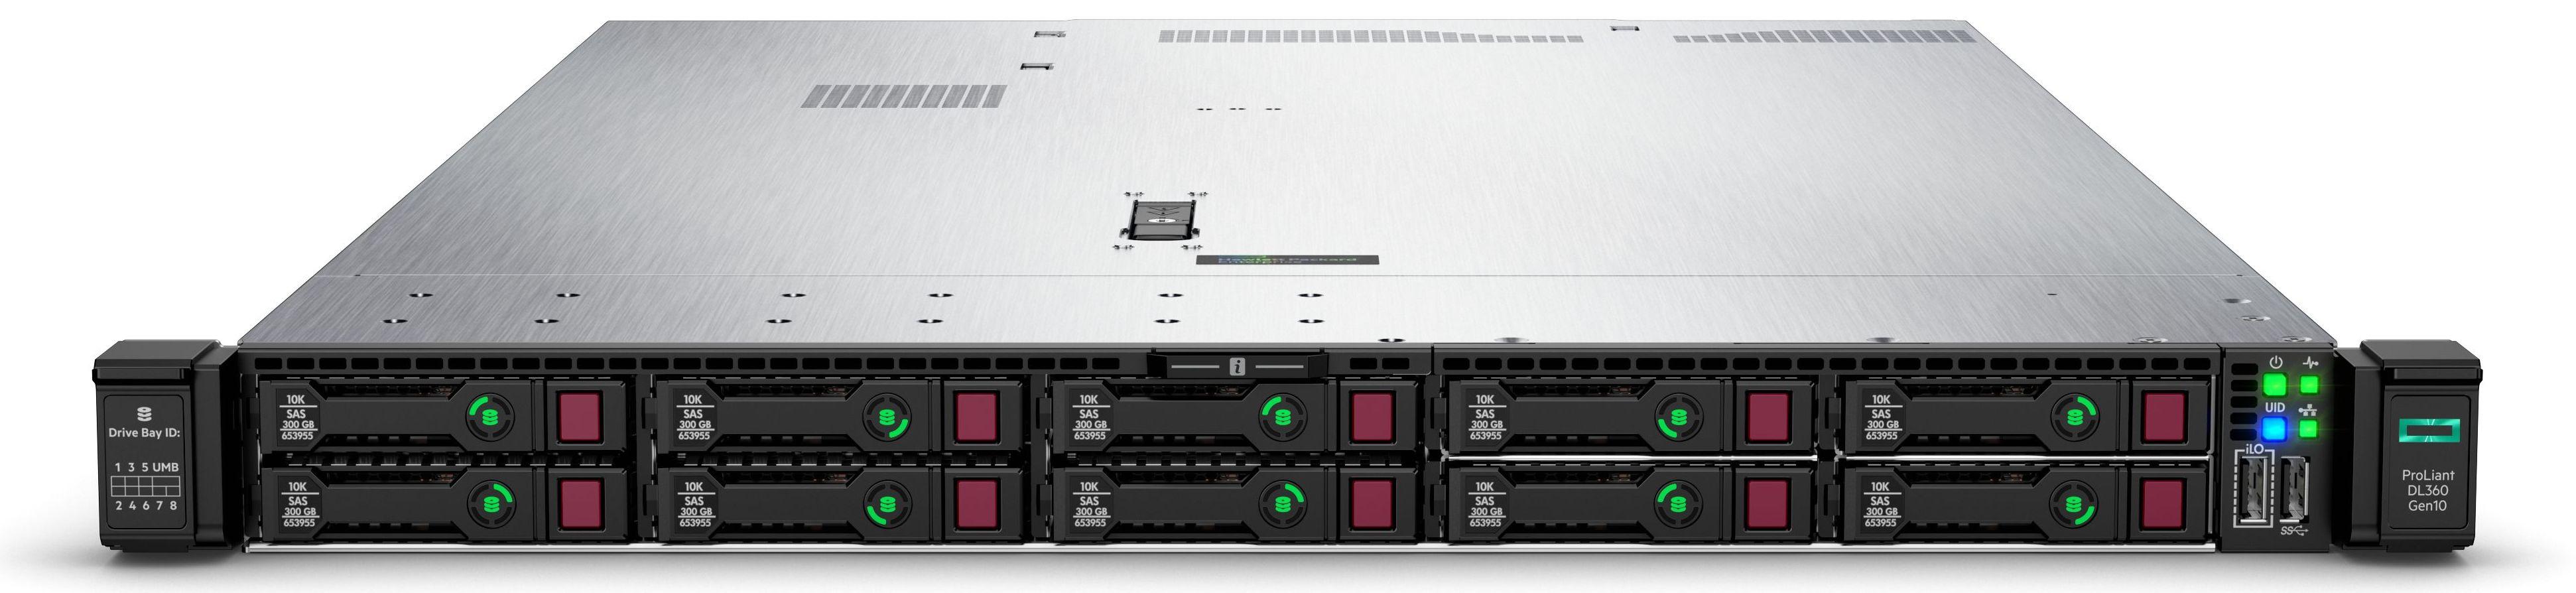 DL360_Gen10_10SFF_Front